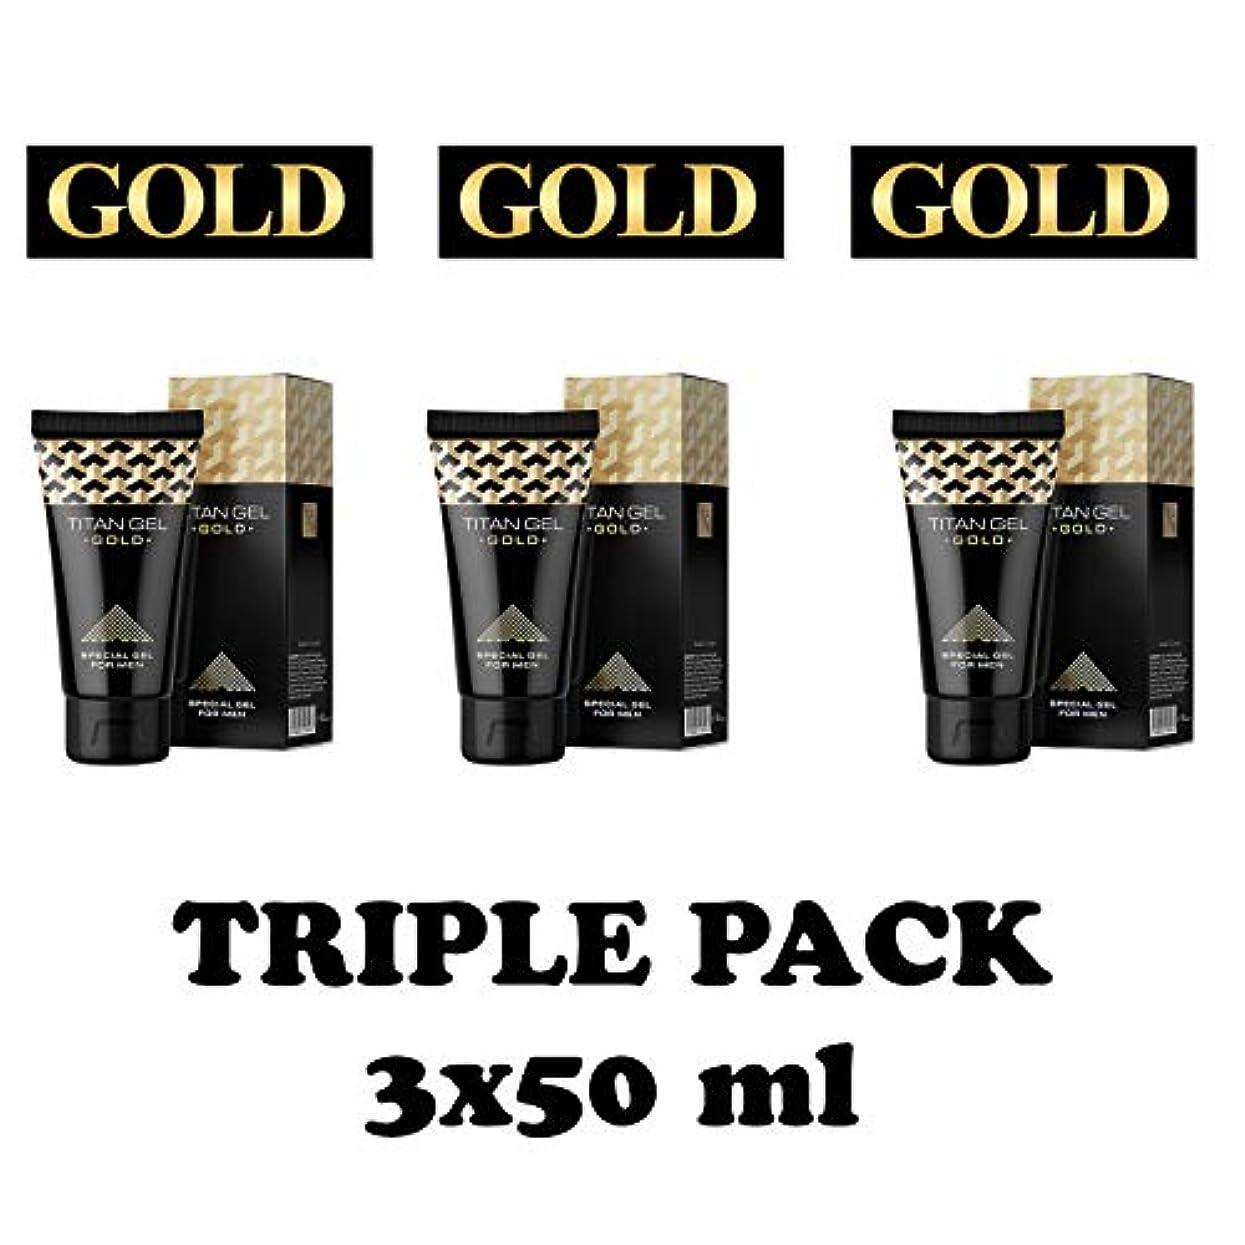 バランスレタッチ連鎖タイタンジェル ゴールド Titan gel Gold 50ml 3箱セット 日本語説明付き [並行輸入品]